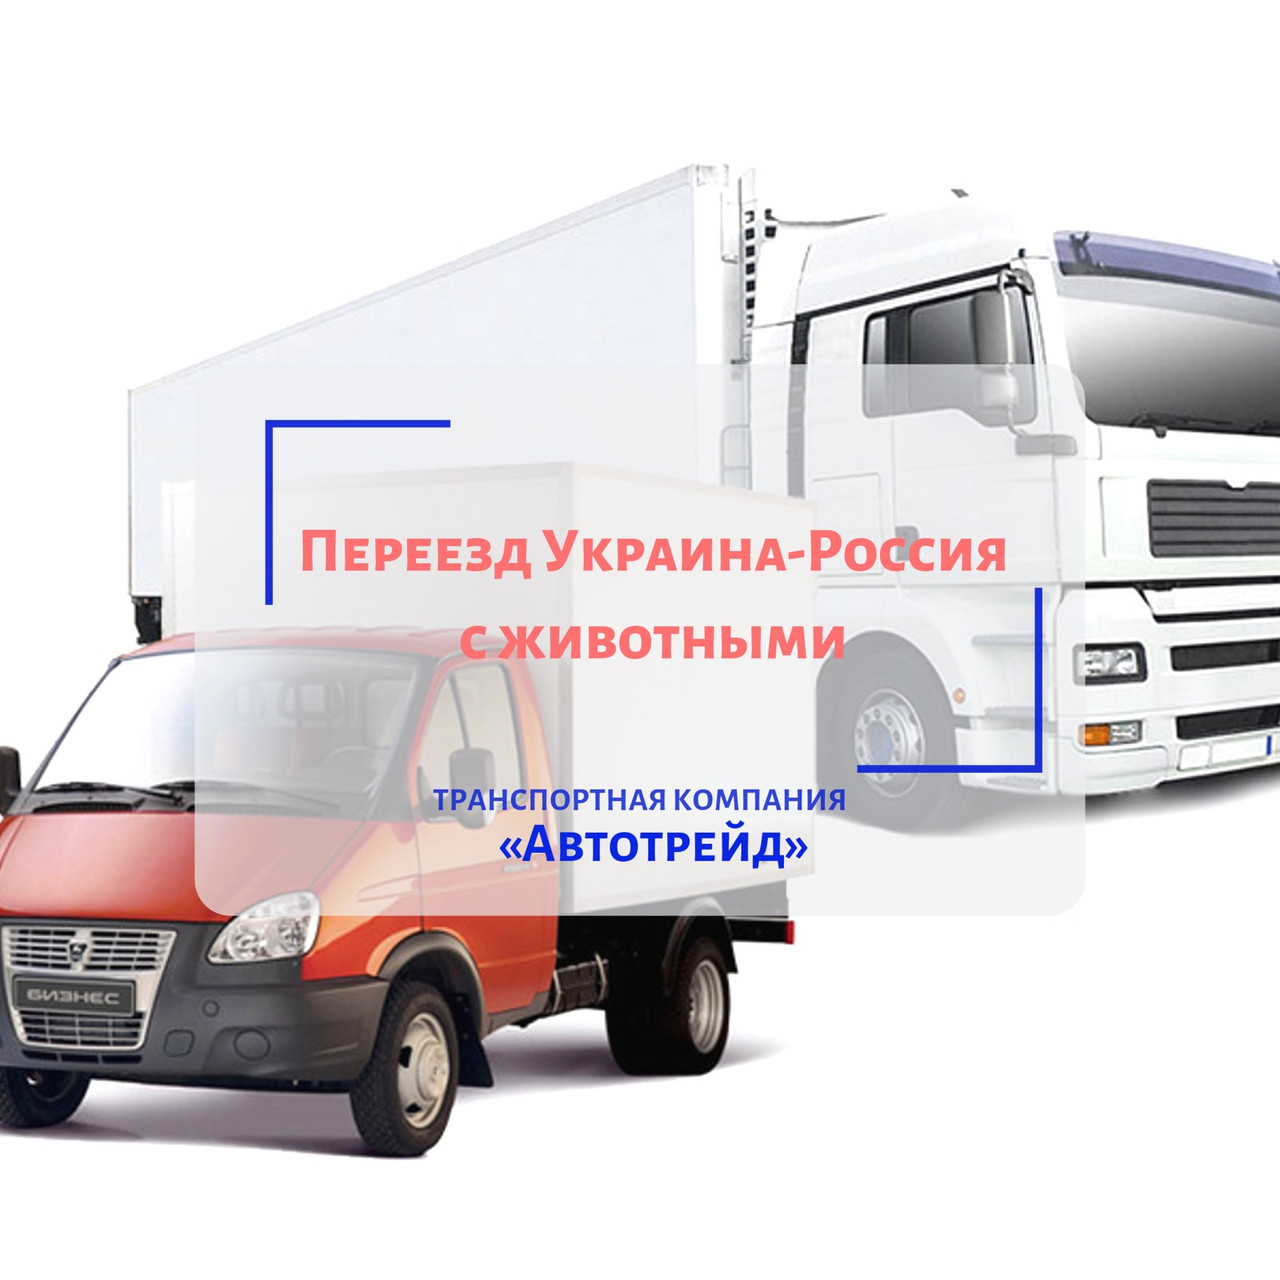 Перевозка вещей в Россию с животными. Заявка